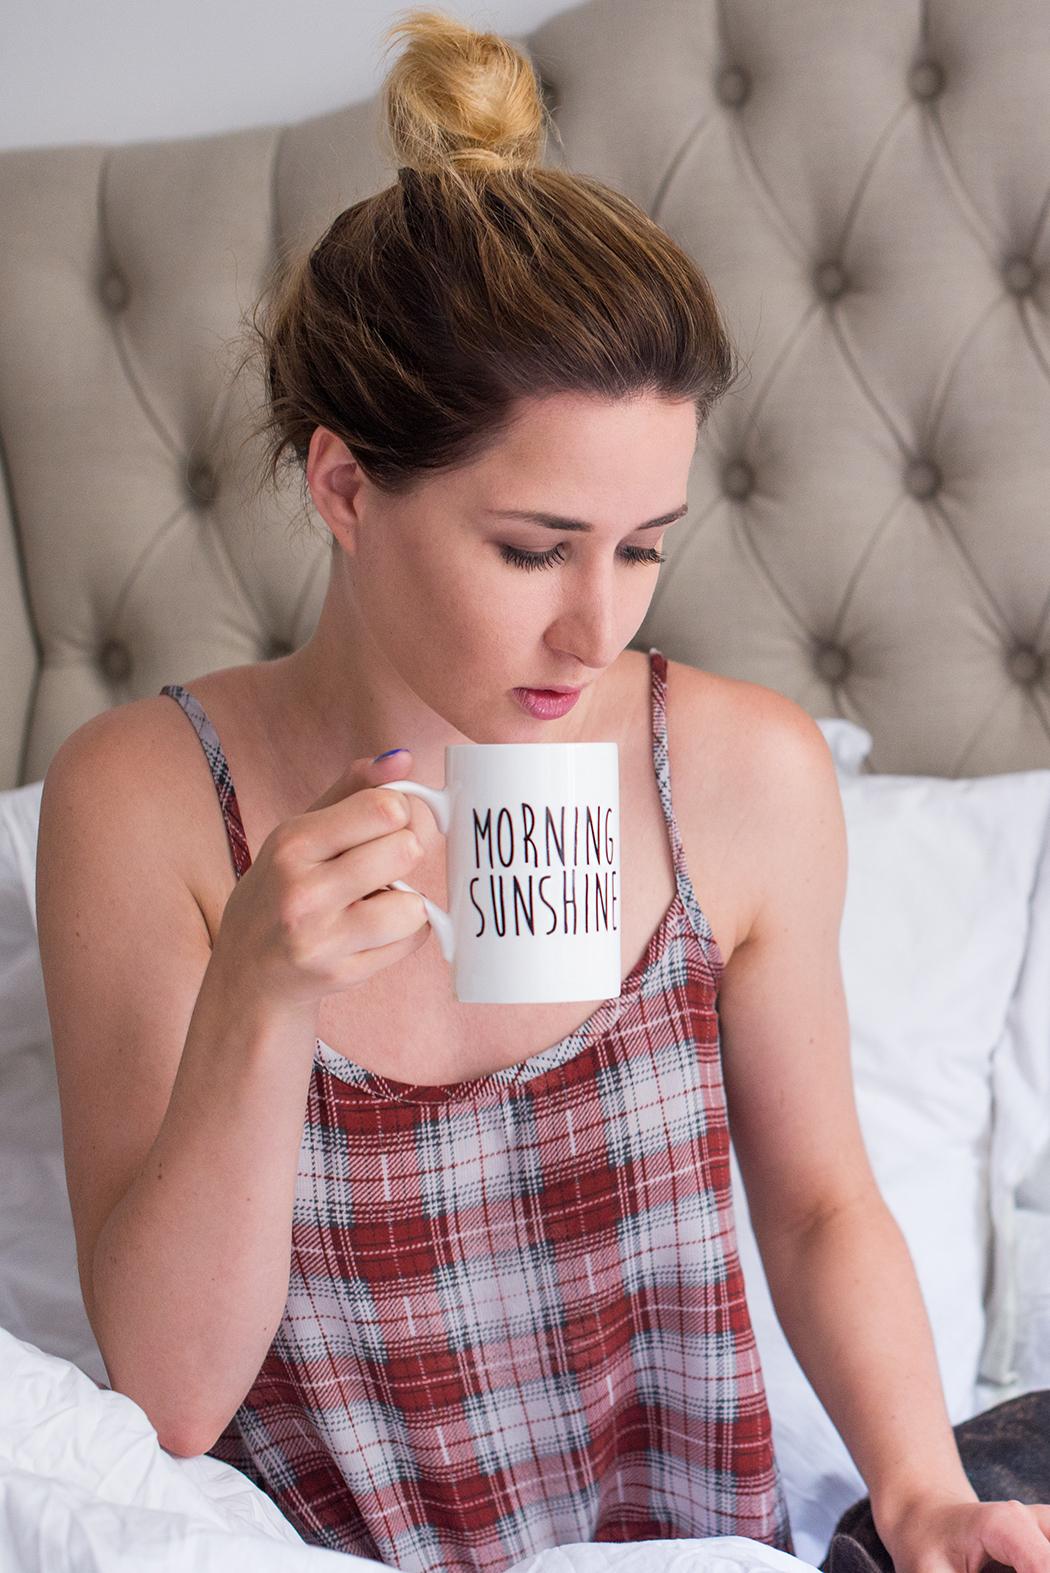 Lifestyleblog-Lifestyleblogger-Lifestyle-Blog-Blogger-Muenchen-Deutschland-Lindarella-Nespresso-Lungo-6